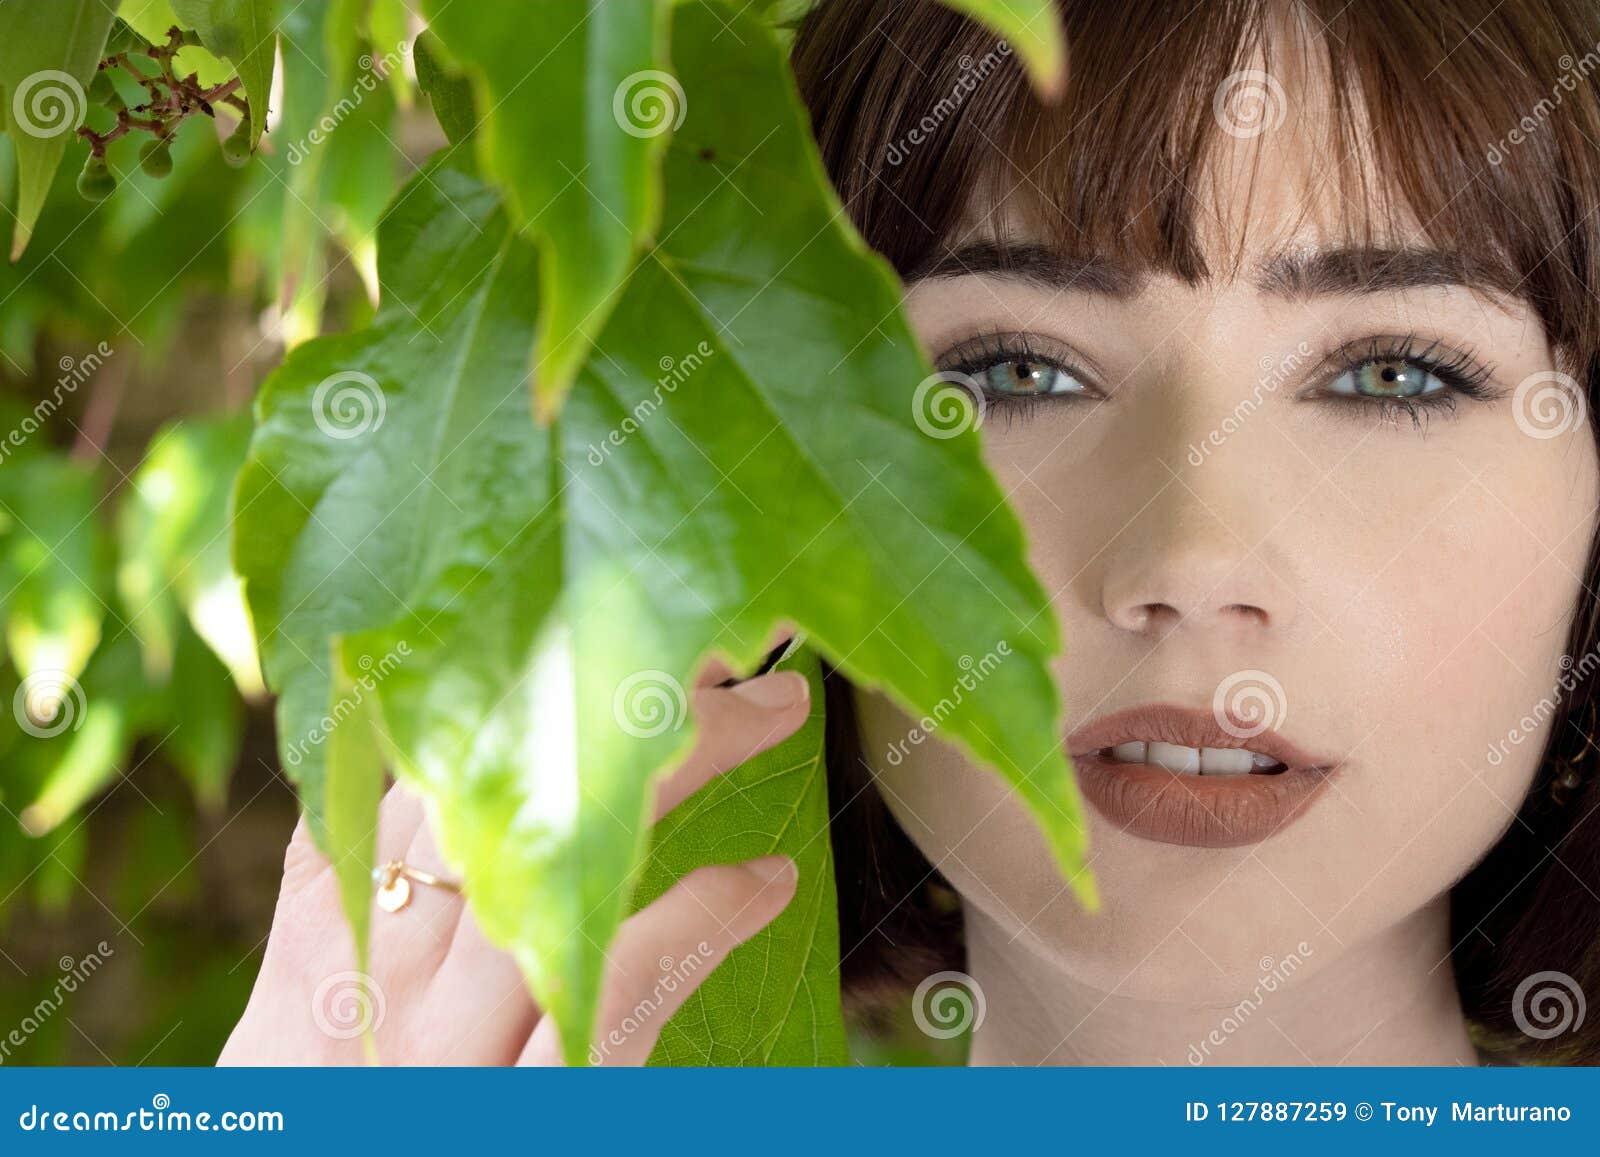 A mulher bonita atrás do verde deixa a vista da câmera